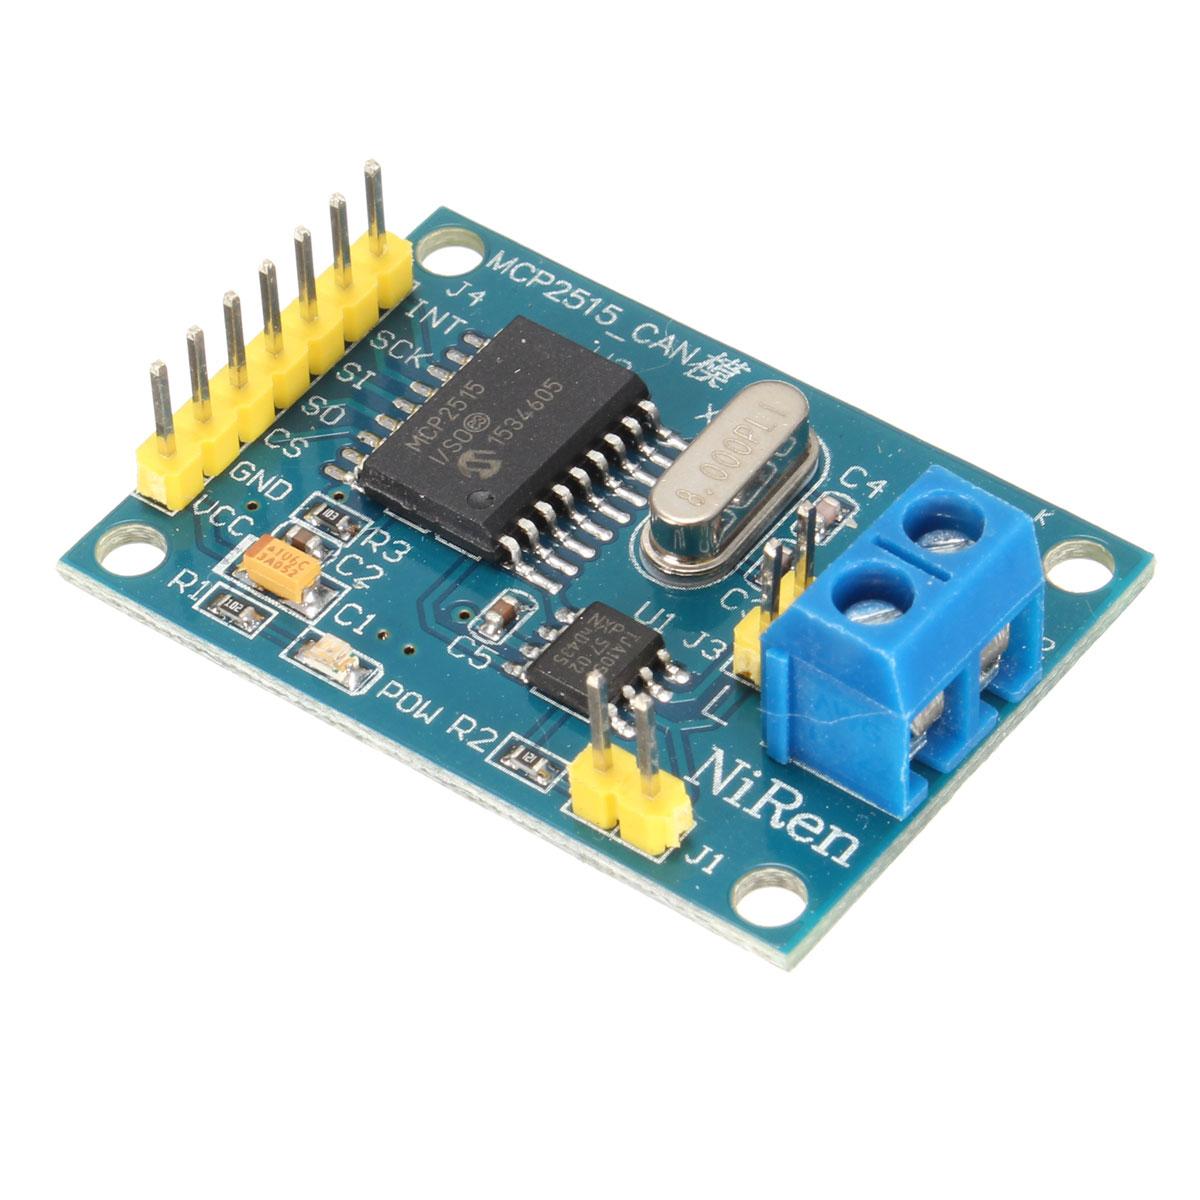 Arduino can своими руками 78